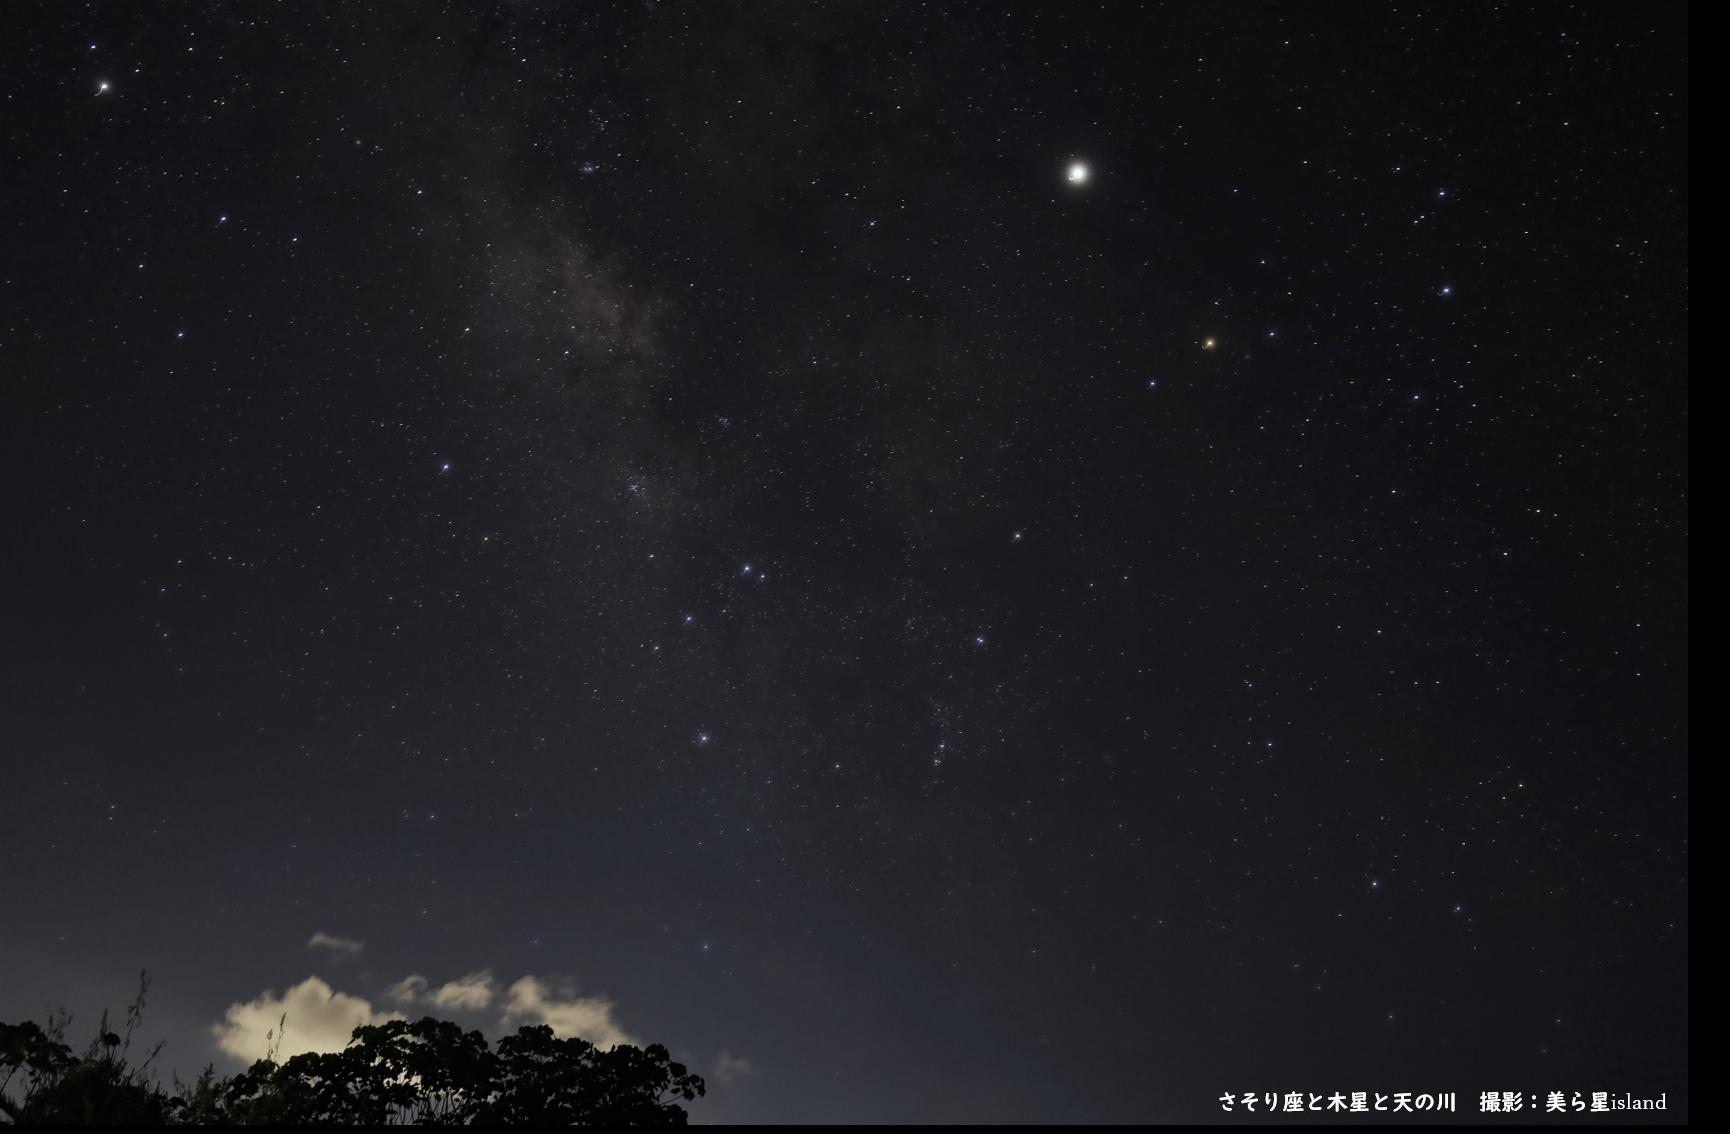 石垣島の星空 さそり座と木星と天の川